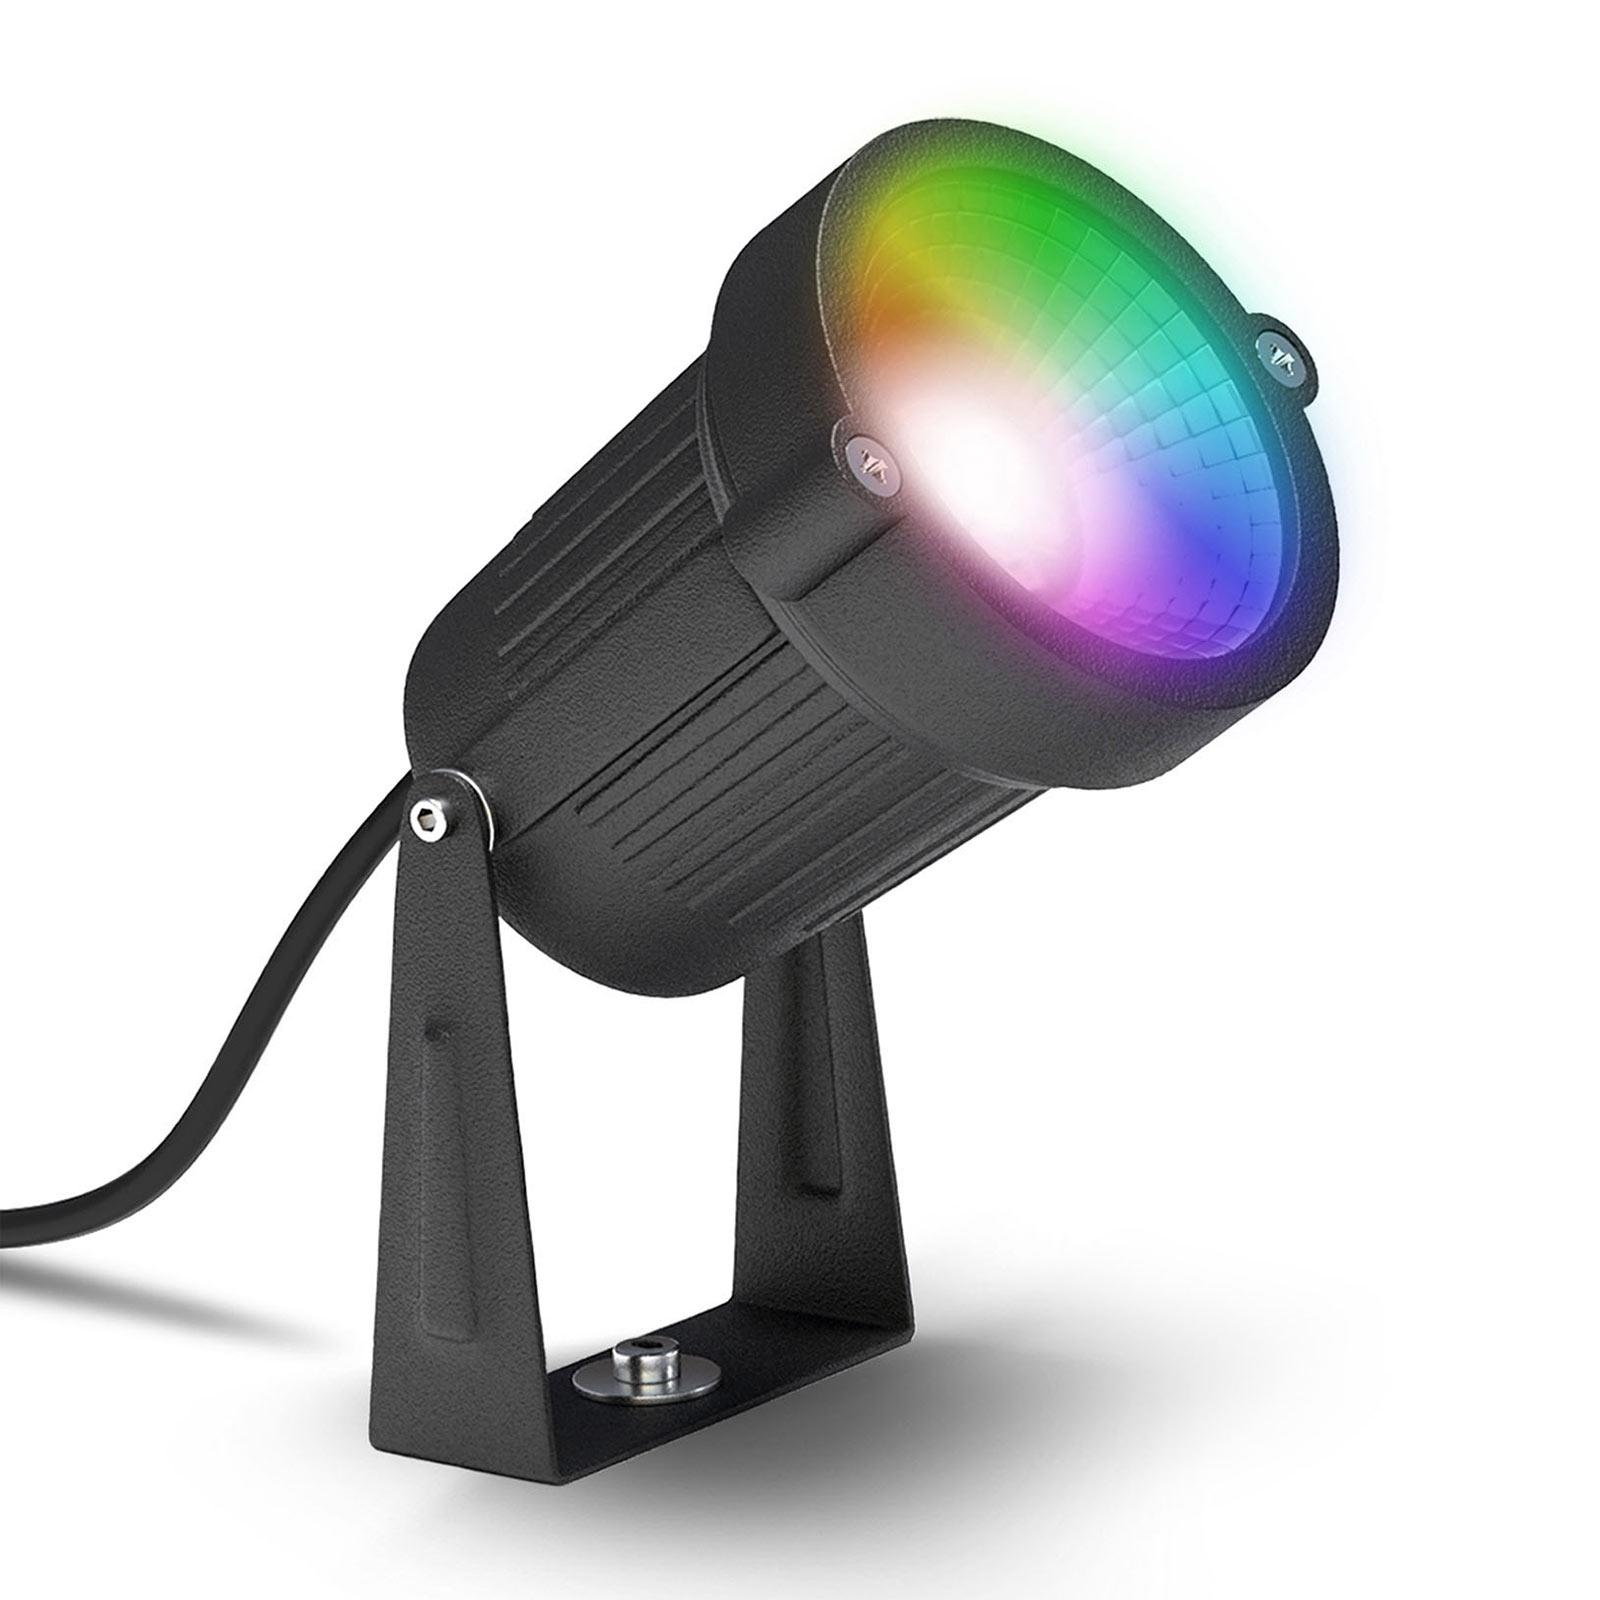 Innr utendørs LED-spot Smart Outdoor, utvidelse